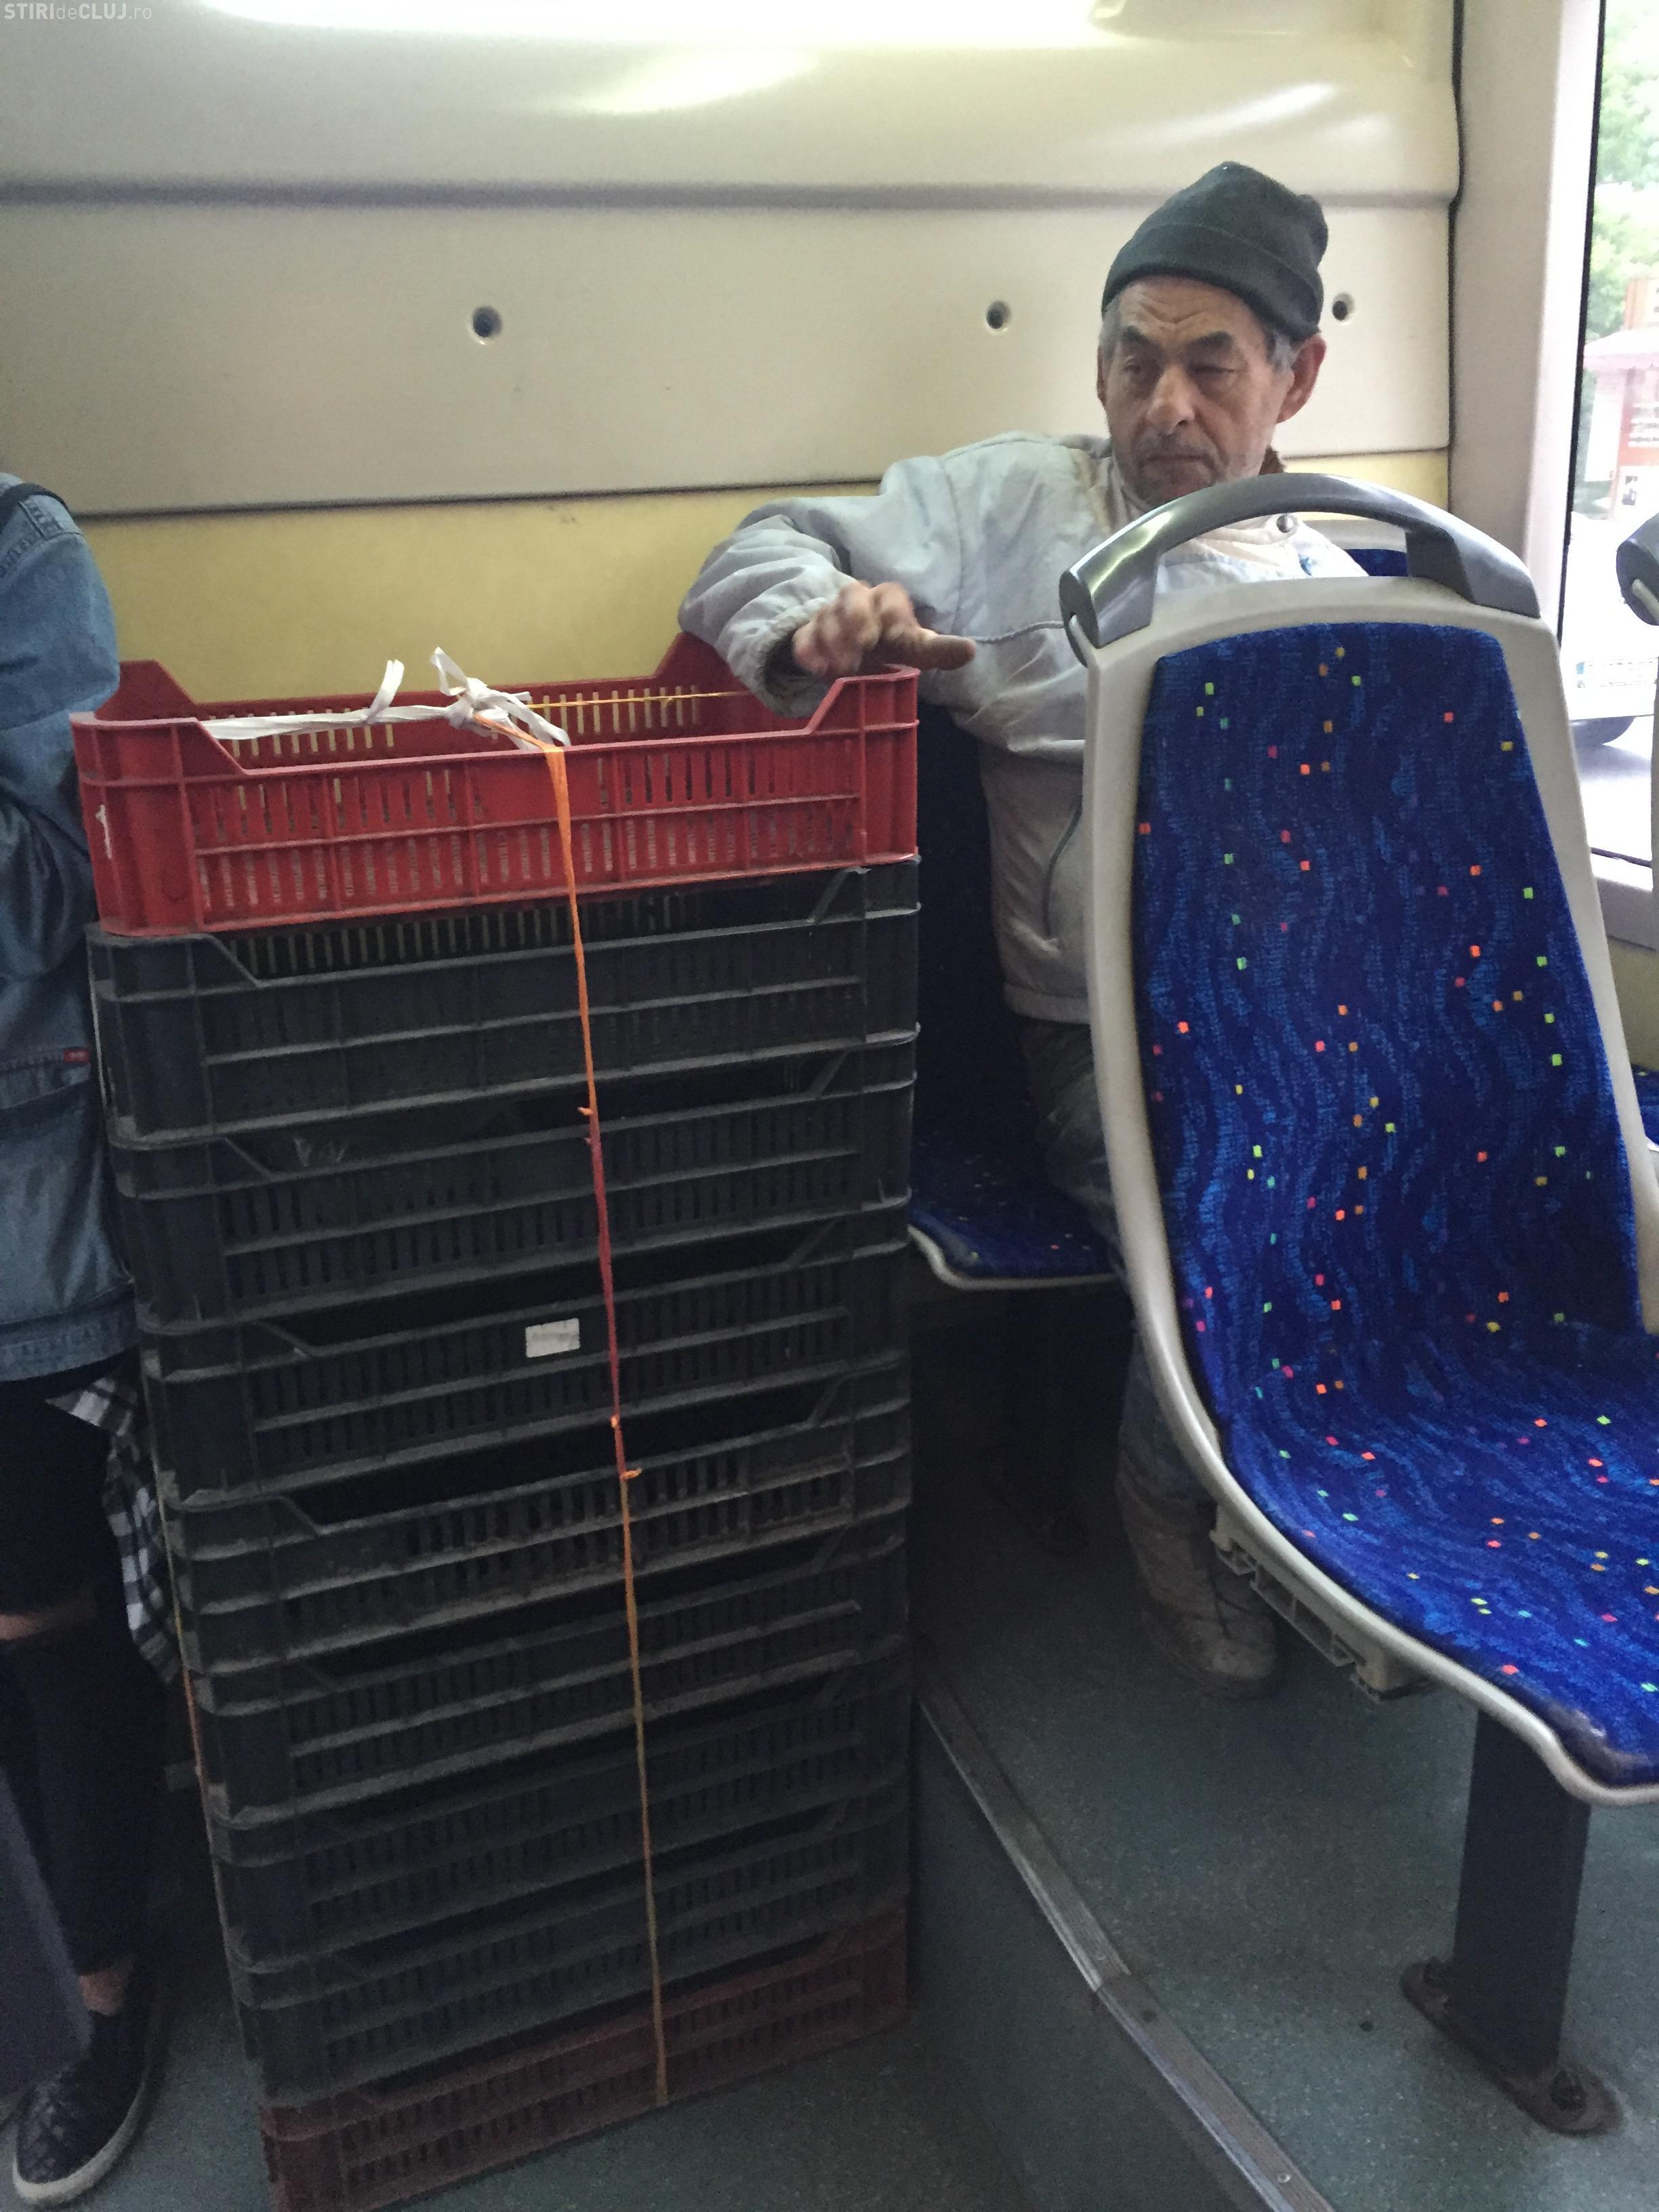 Clujeanul e INVENTIV! Și-a îndesat lăzile în autobuzul 35 - FOTO